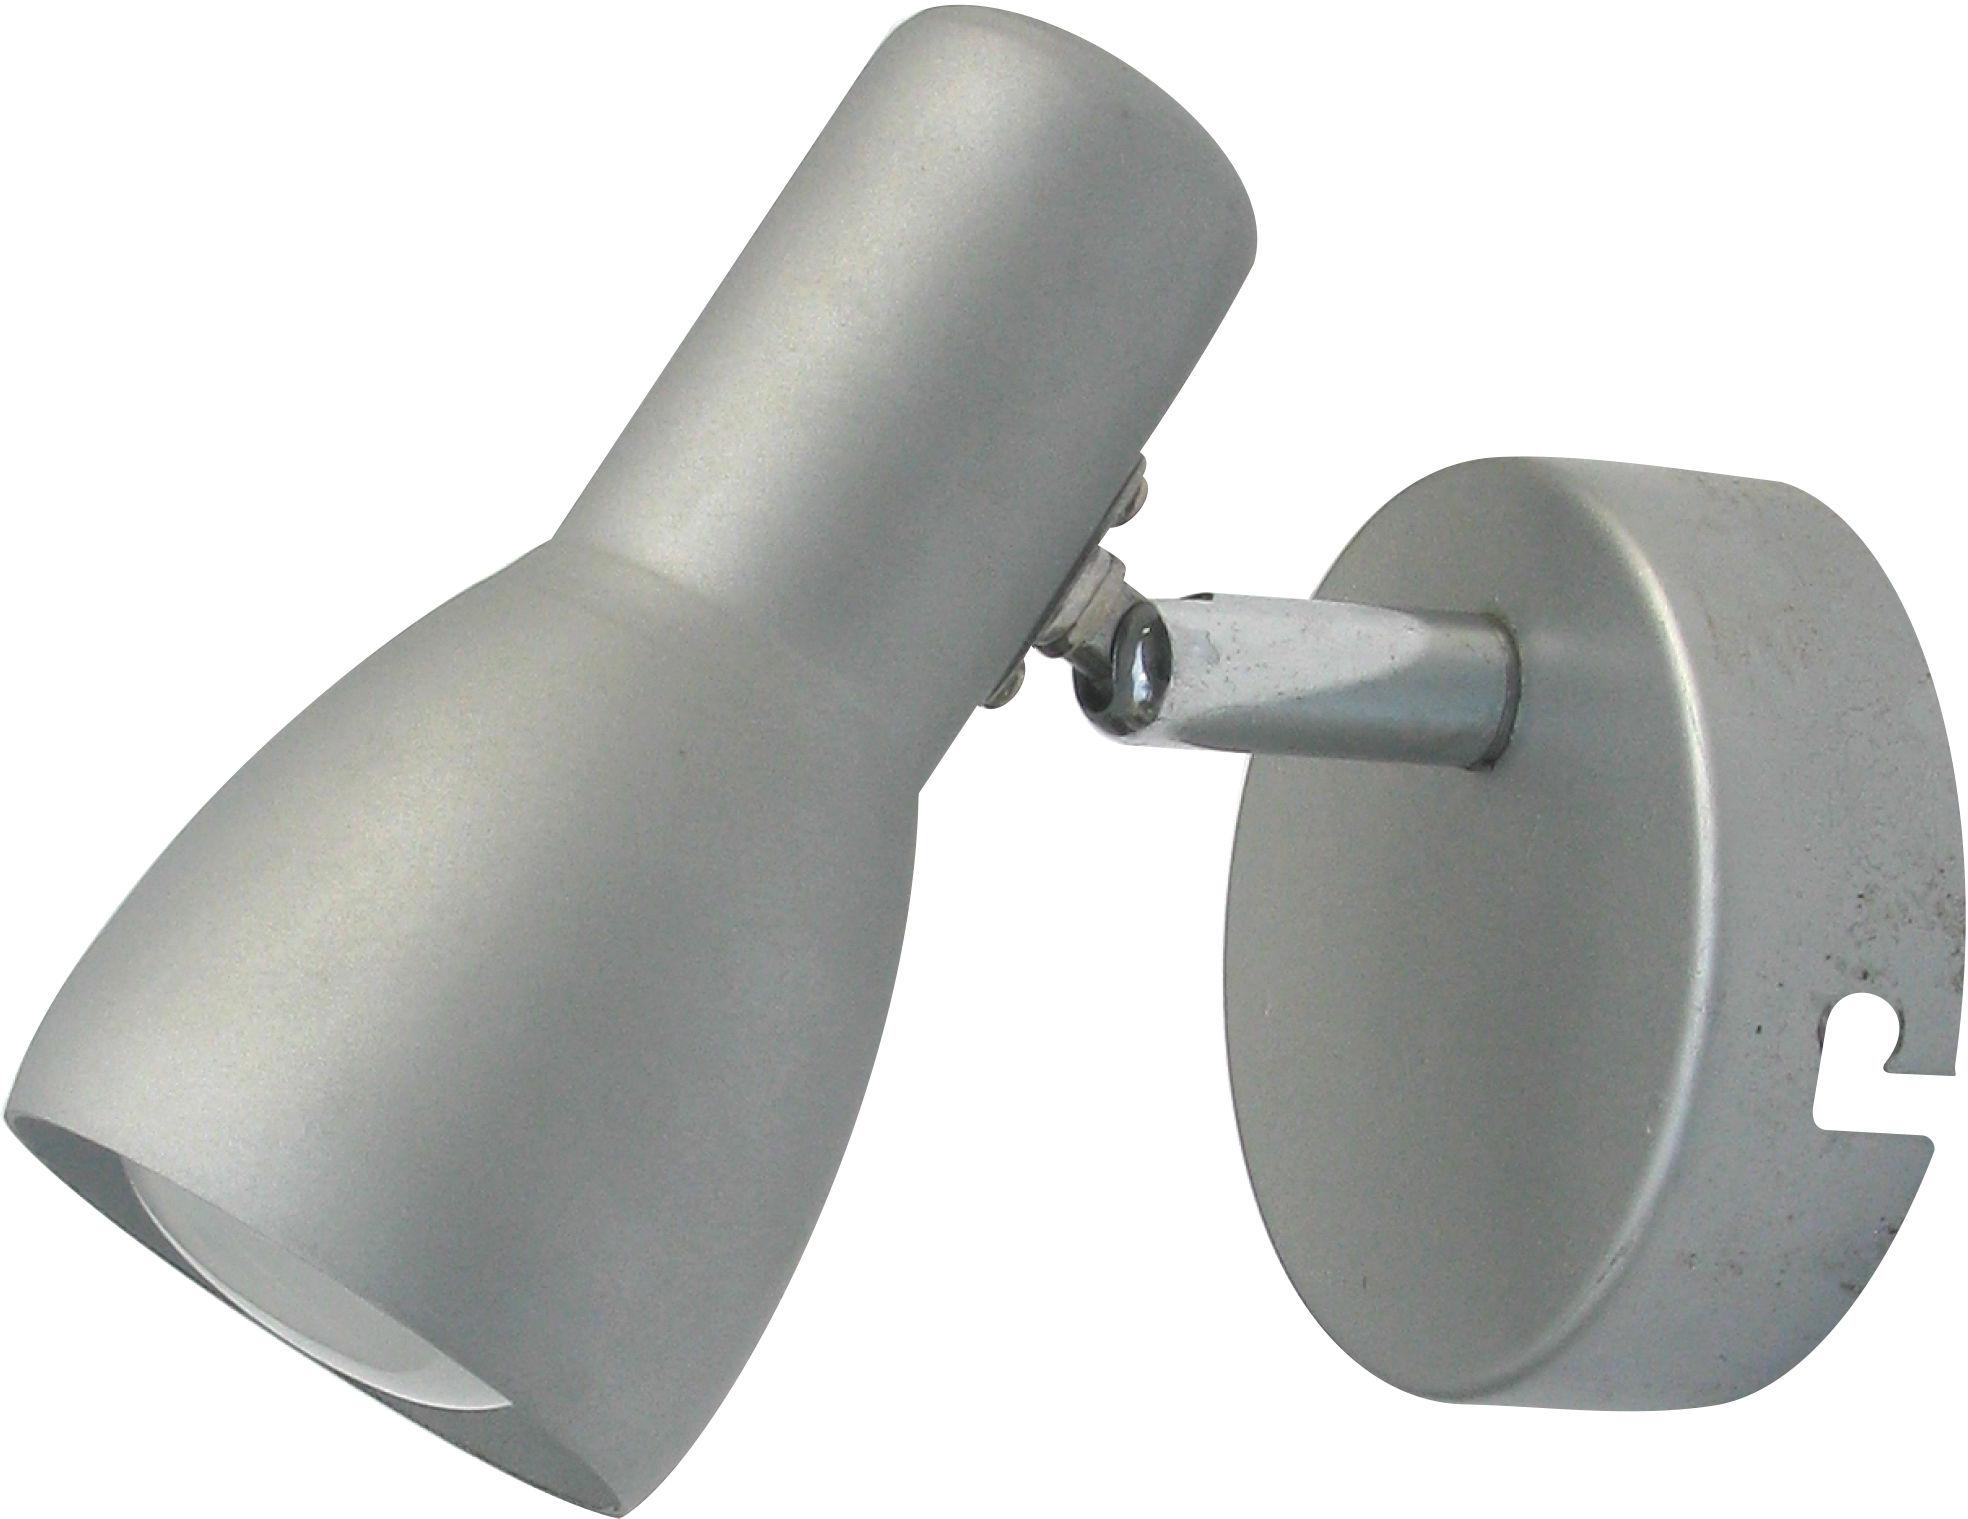 Candellux PICARDO 91-43917 kinkiet lampa ścienna srebrno-szary stalowy klosz 1X40W E14 6cm